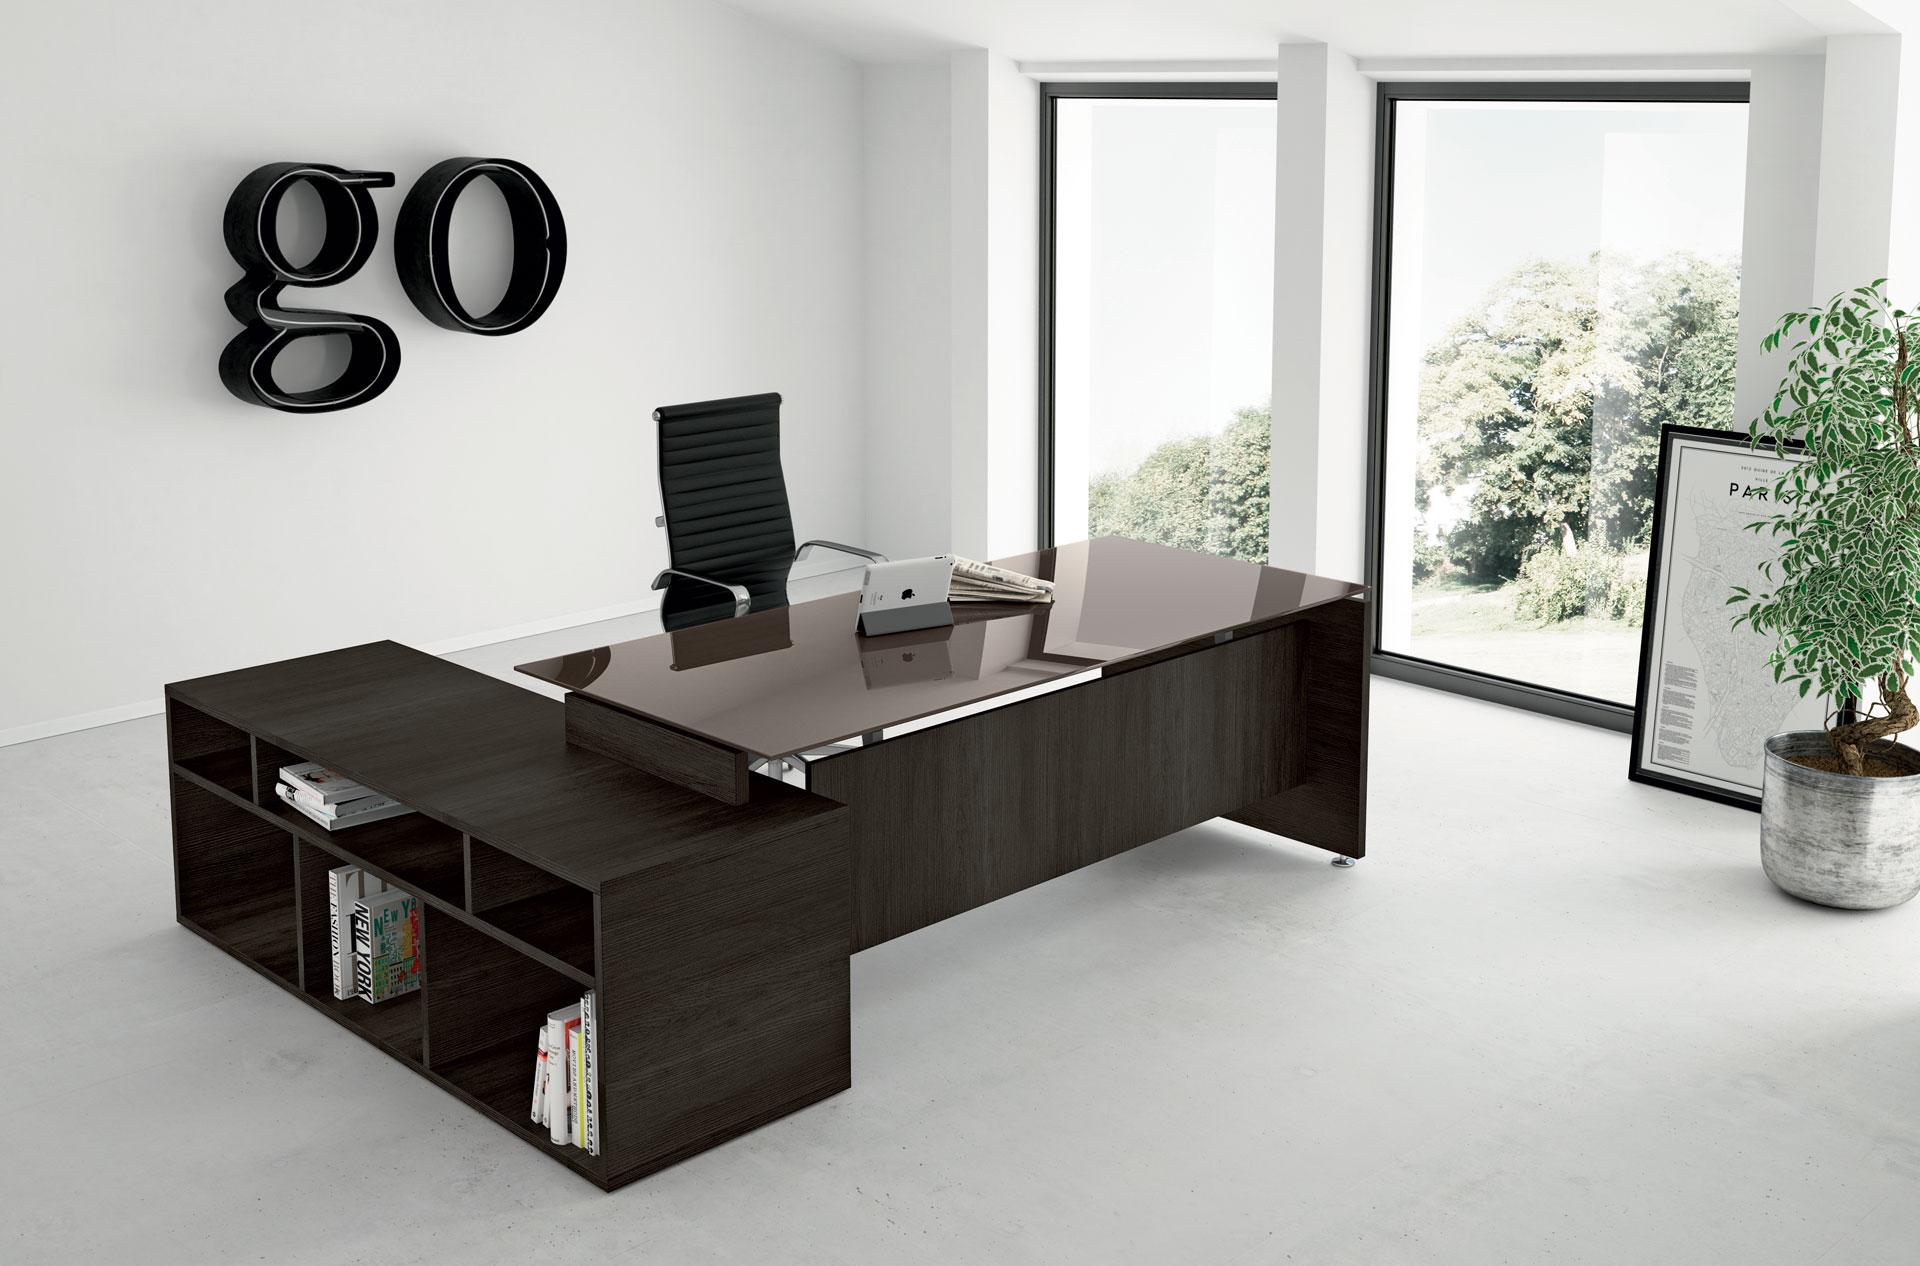 Arredamento per ufficio torino scrivanie per ufficio for Arredo ufficio prezzi